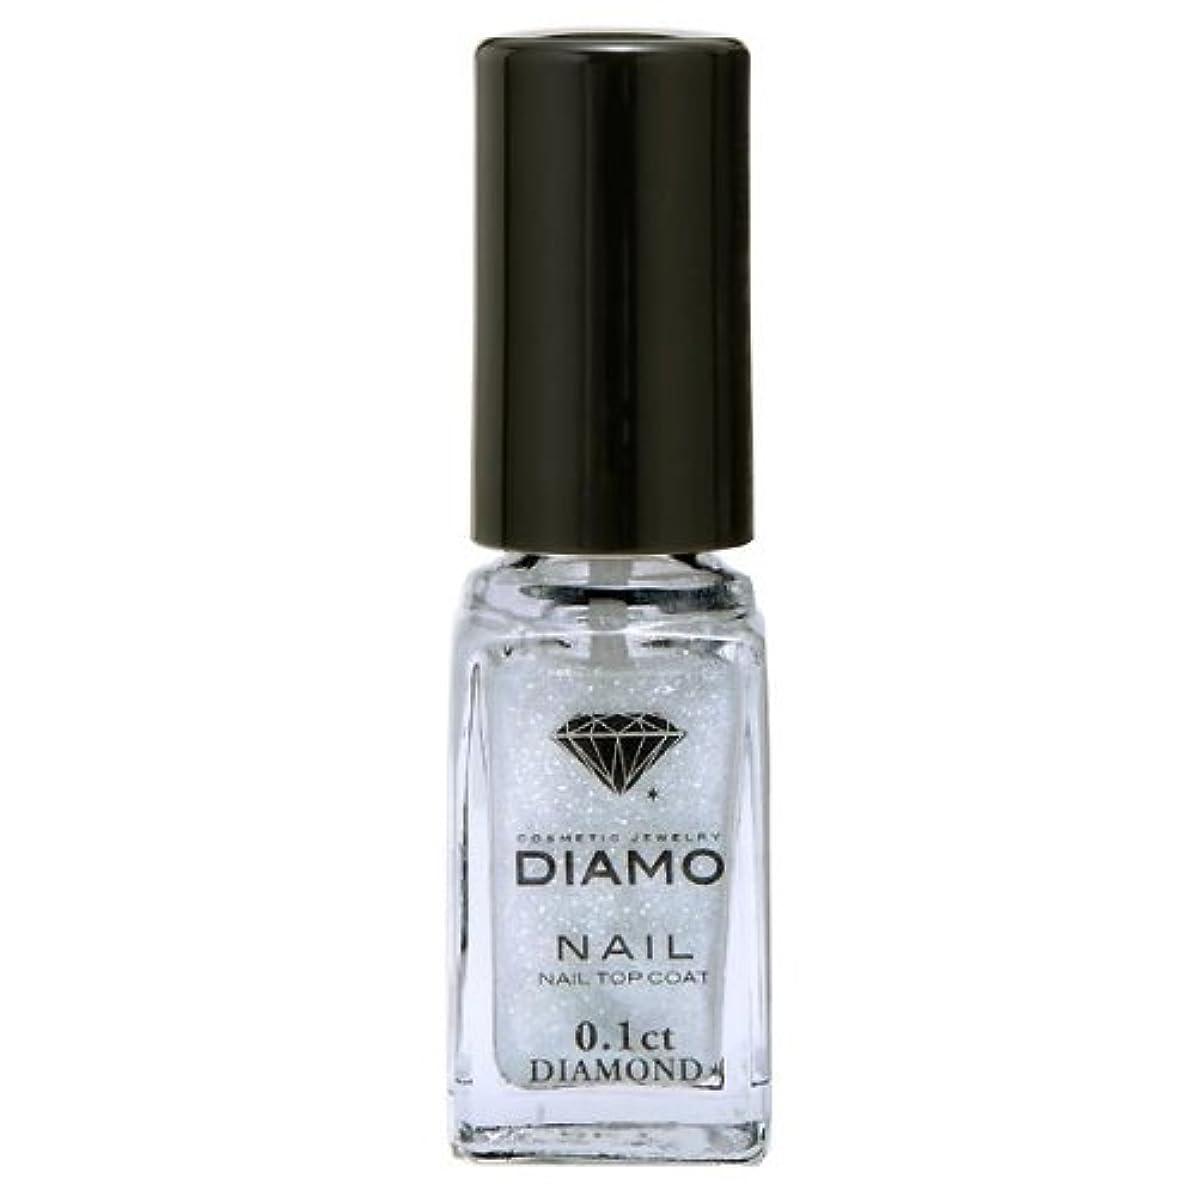 DIAMO(ディアモ) ネイル トップコート 5ml